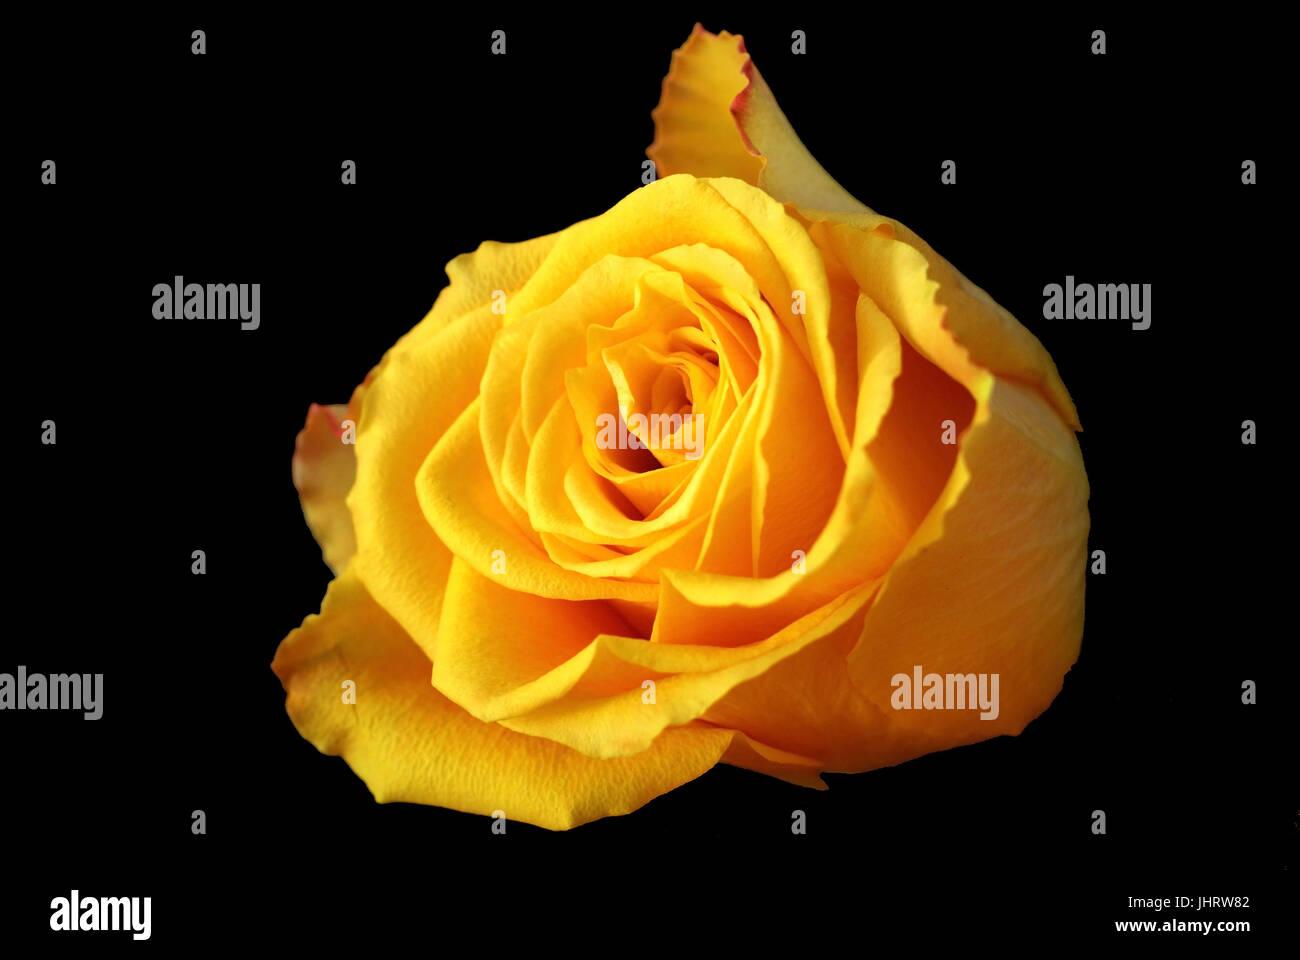 Single blossom of a yellow rose, Einzelne Bluete einer gelben Rose - Stock Image